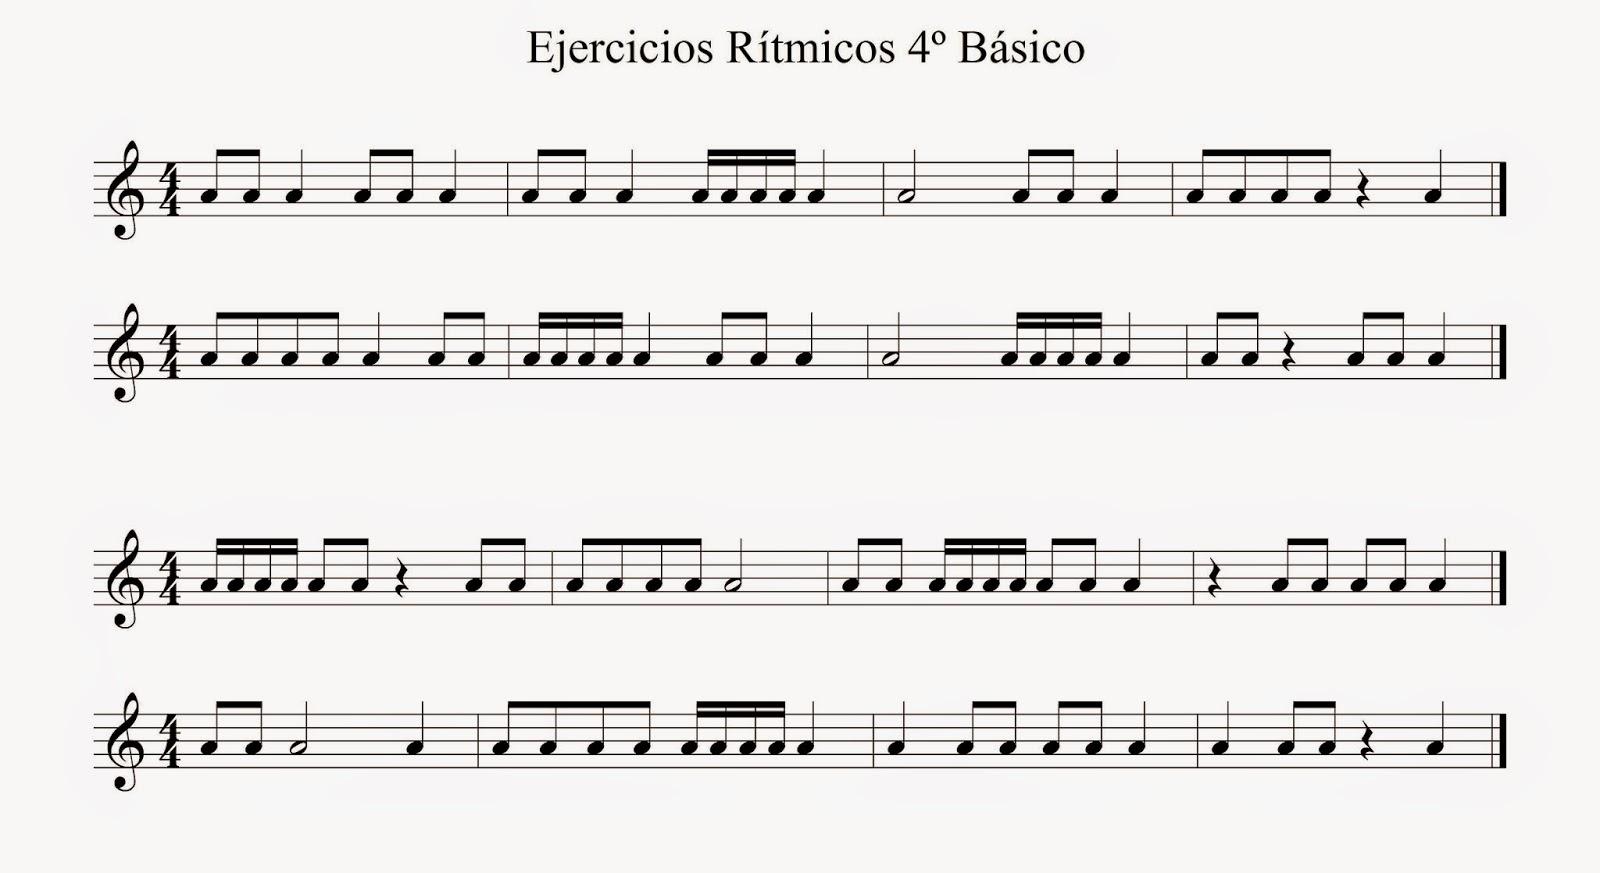 Ejercicios Ritmicos Basicos Rítmicos 4º Básico